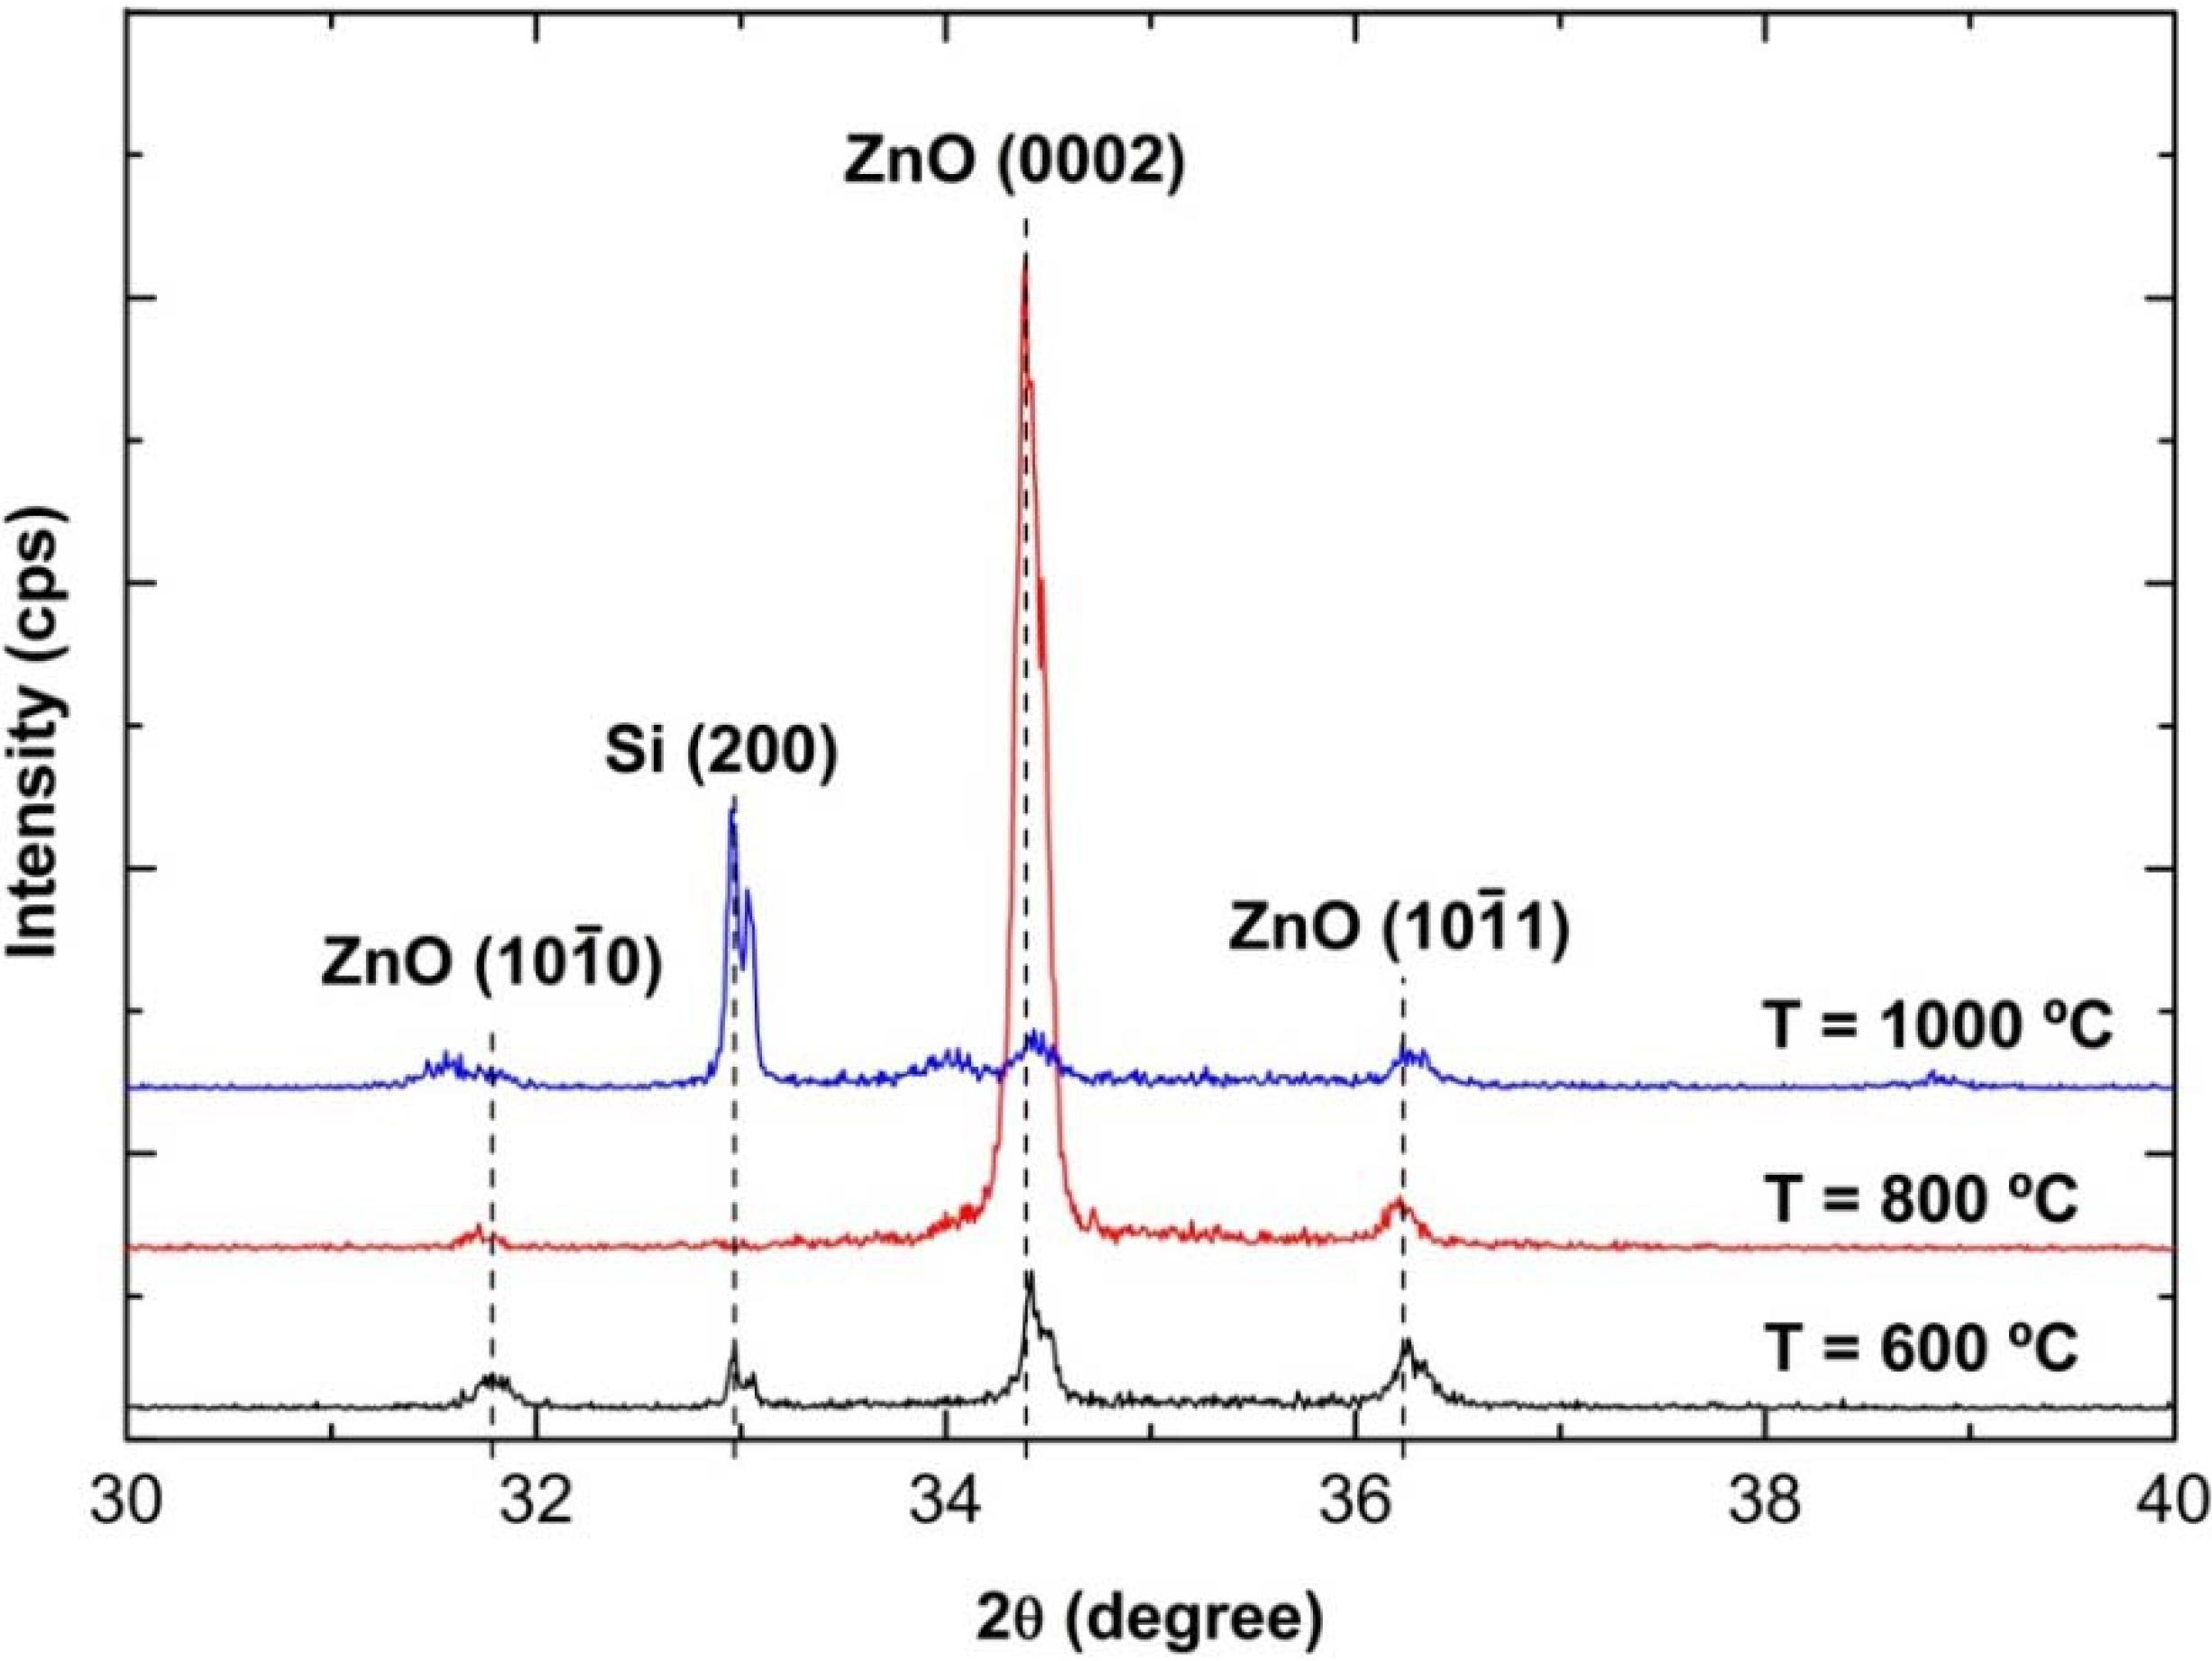 Zno phase diagram 28 images phase diagram zinc oxide choice zno phase diagram phase diagram zinc oxide choice image how to guide and zno phase diagram ccuart Choice Image